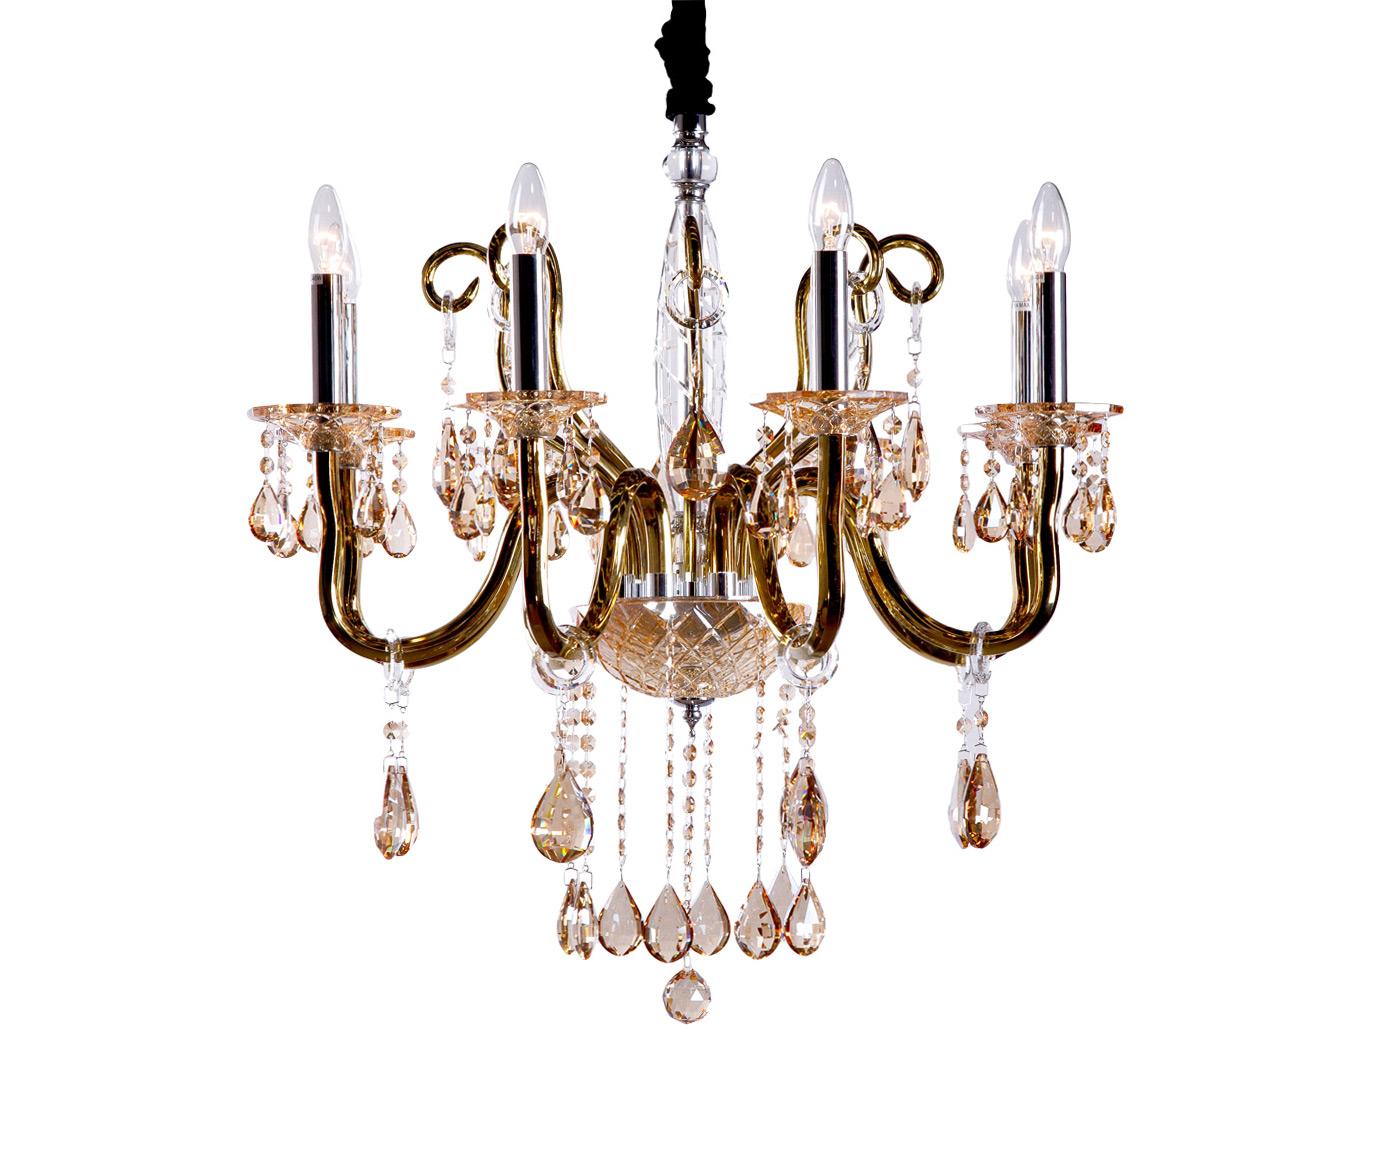 Люстра ДоминикаЛюстры подвесные<br>Роскошная люстра в классическом стиле Доминика придаст вашему интерьеру солидность и перенесет в эпоху балов и приемов в частных особняках. Люстра выполнена в золотом цвете и позволяет использовать до шести лампочек одновременно. Рекомендуется использовать лампы в форме свечей.&amp;lt;div&amp;gt;&amp;lt;br&amp;gt;&amp;lt;/div&amp;gt;&amp;lt;div&amp;gt;Вид цоколя: E14&amp;lt;div&amp;gt;Мощность лампы: 40W&amp;lt;/div&amp;gt;&amp;lt;div&amp;gt;Количество ламп: 8&amp;lt;/div&amp;gt;&amp;lt;div&amp;gt;&amp;lt;br&amp;gt;&amp;lt;/div&amp;gt;&amp;lt;div&amp;gt;Материал: металл, стекло.&amp;lt;/div&amp;gt;&amp;lt;/div&amp;gt;<br><br>Material: Стекло<br>Width см: 77<br>Depth см: 77<br>Height см: 68